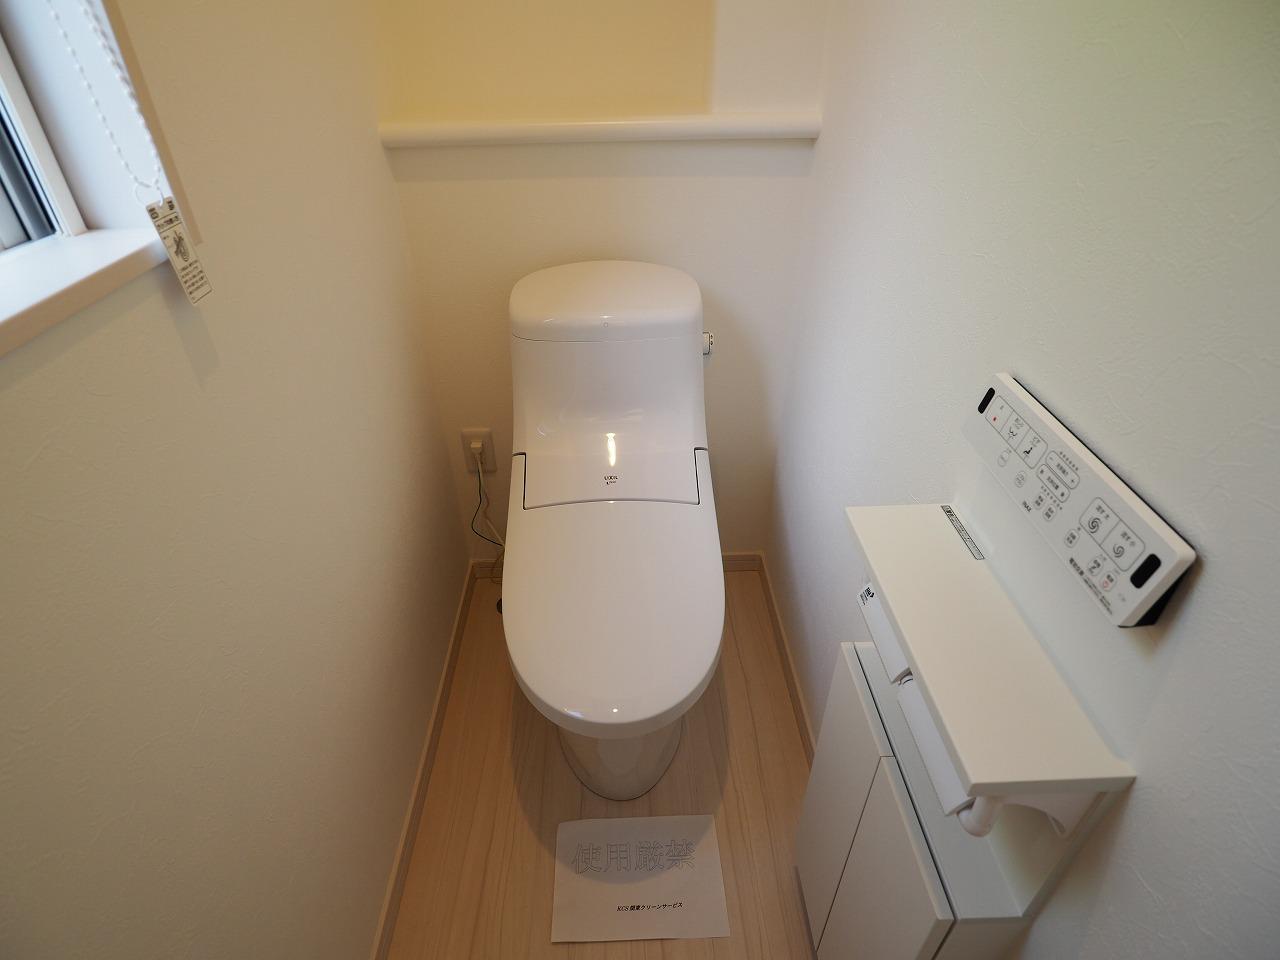 1F タンクレストイレ